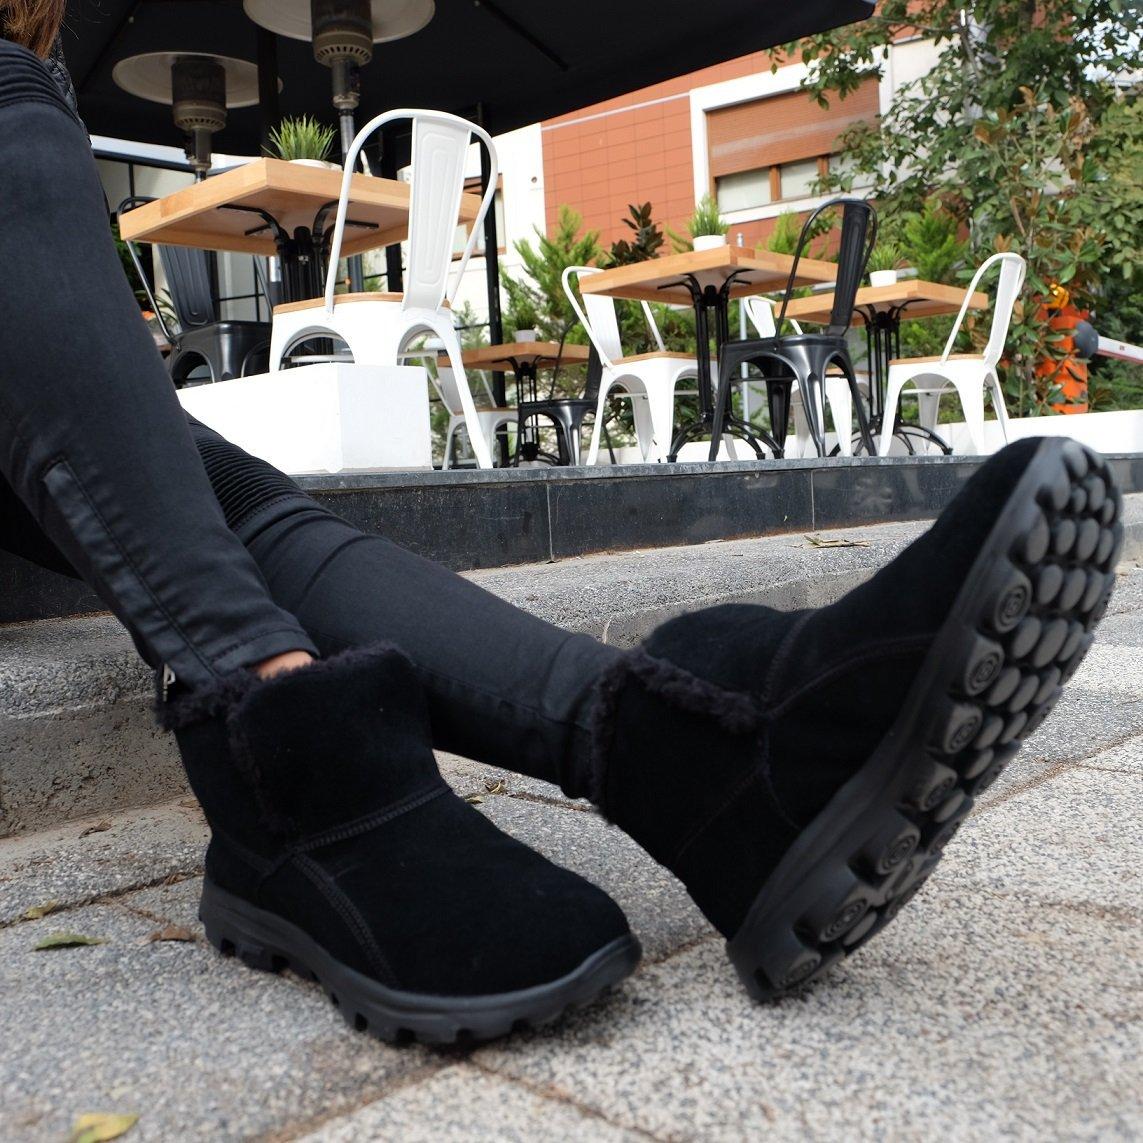 skechers chugga booties